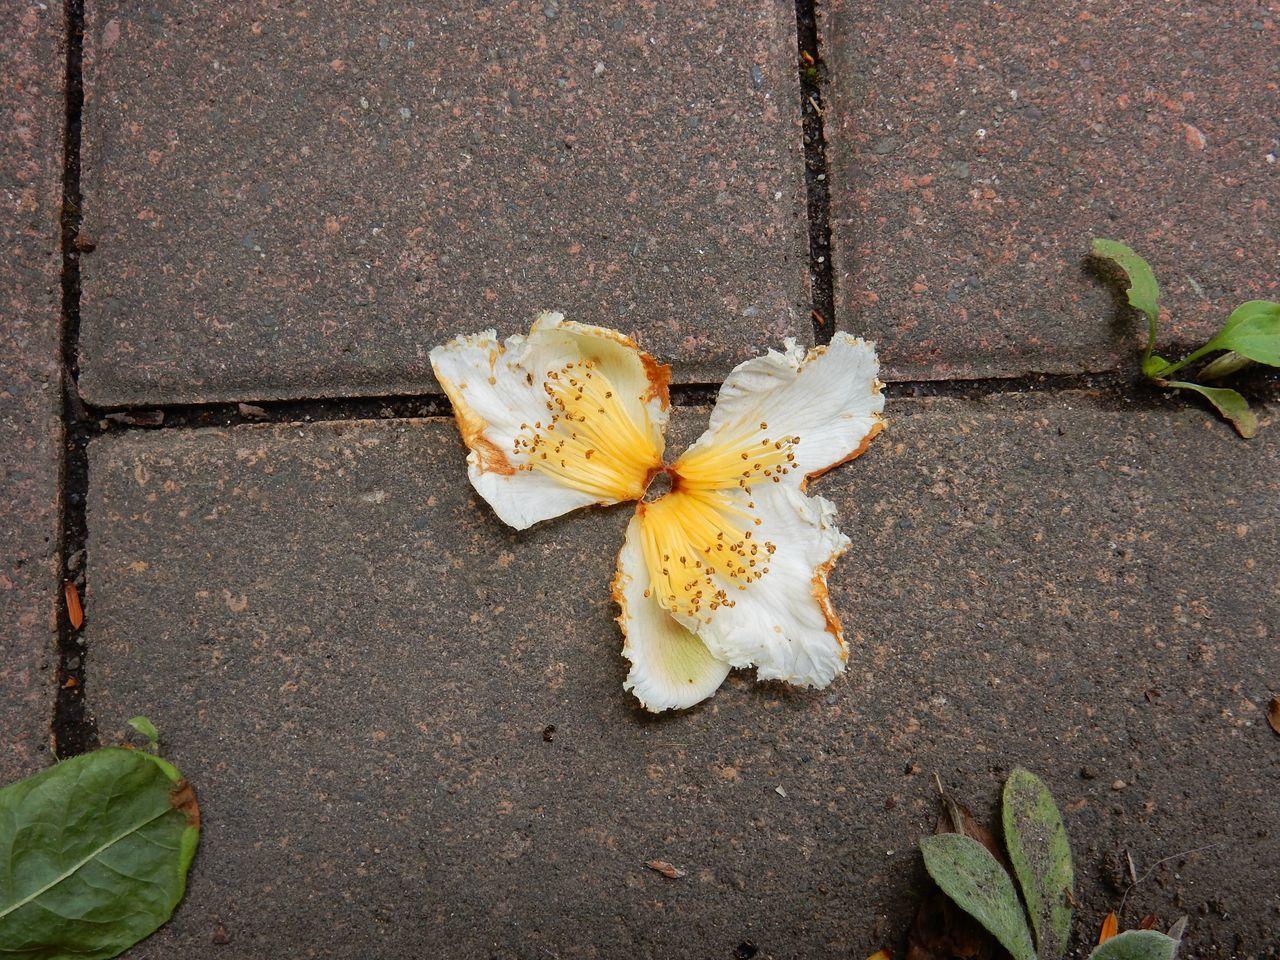 花落ちてナツツバキの季節が始まったことを知る_c0025115_21582583.jpg